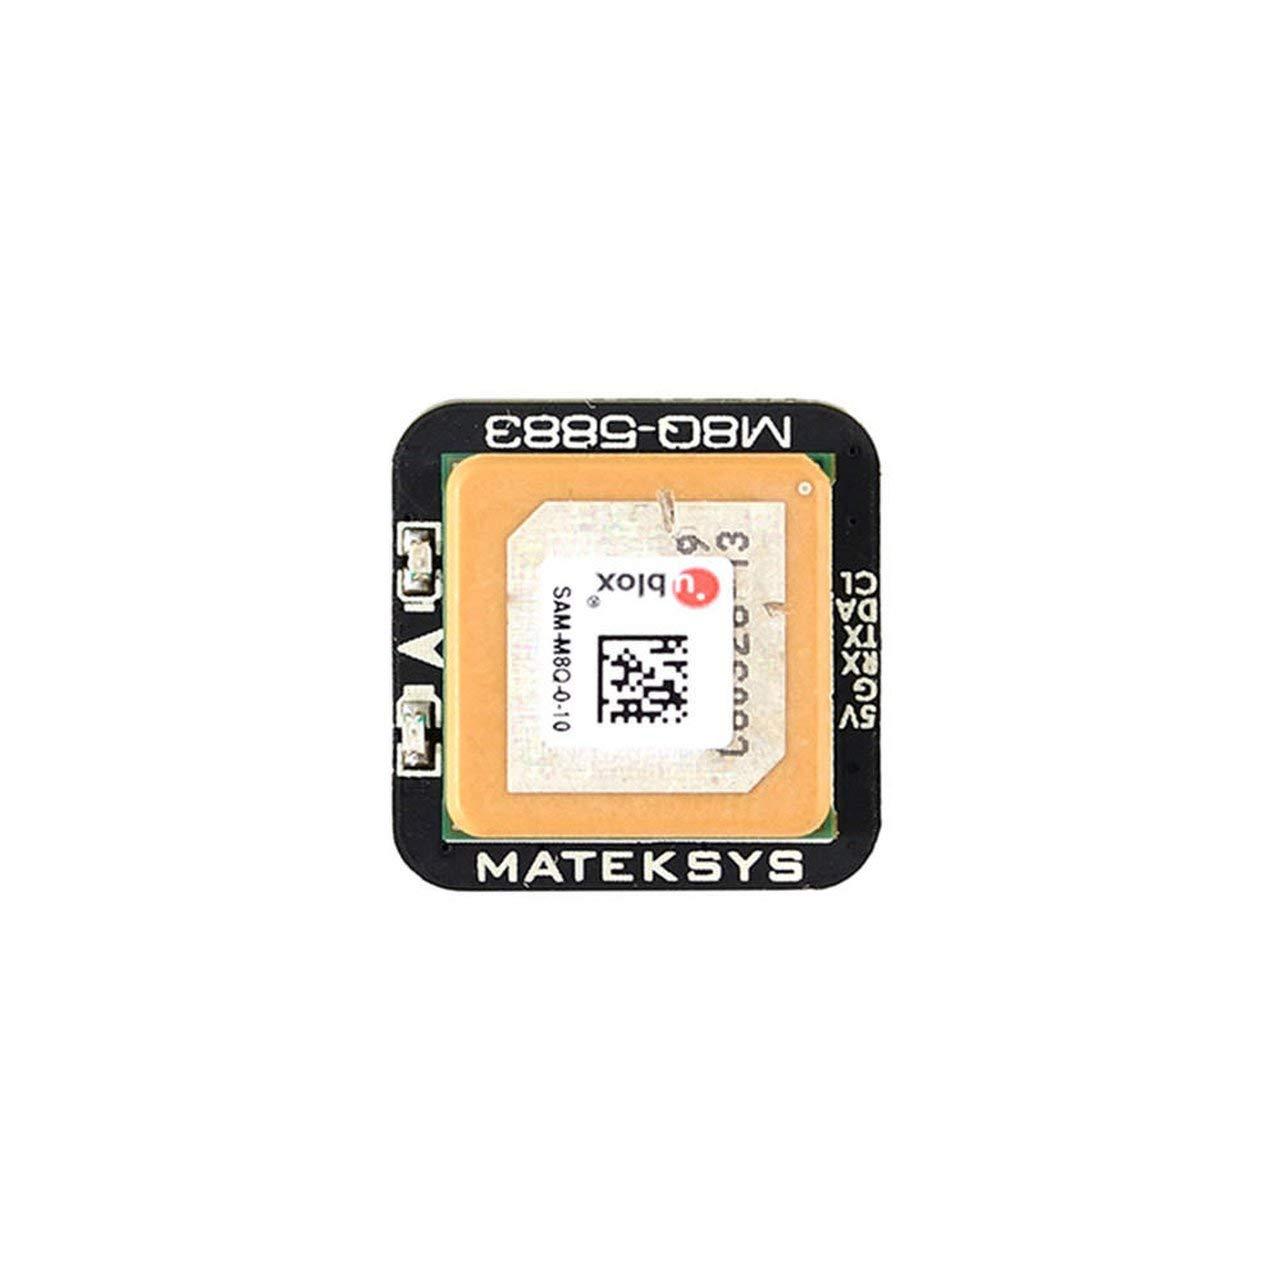 Jasnyfall Matek Systems M8Q5883 Ublox SAMM8Q GPS-Modul mit Drone QMC5883L-Kompass Mehrfarbig